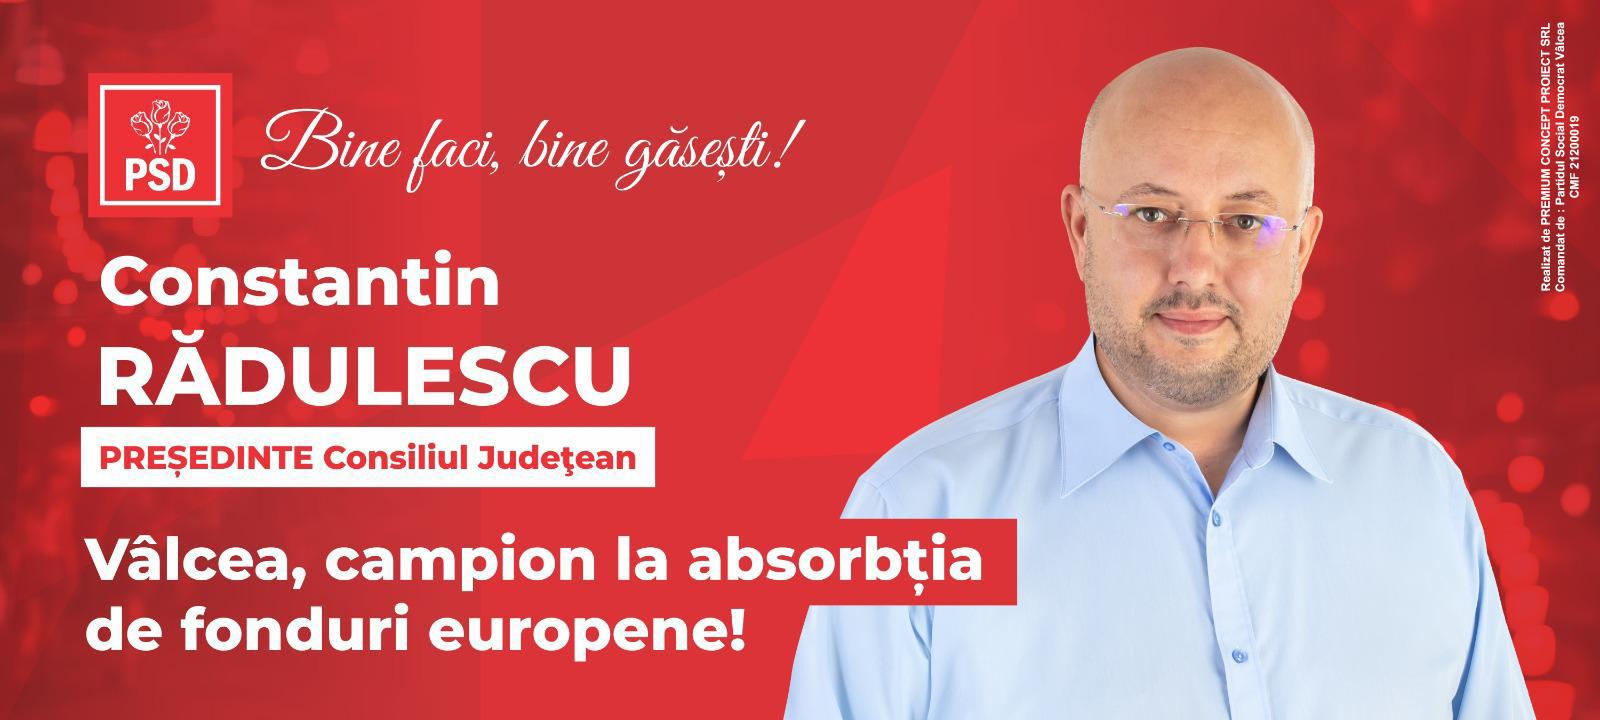 Județul Vâlcea, campion în atragerea de fonduri europene, în mandatul președintelui Constantin RĂDULESCU